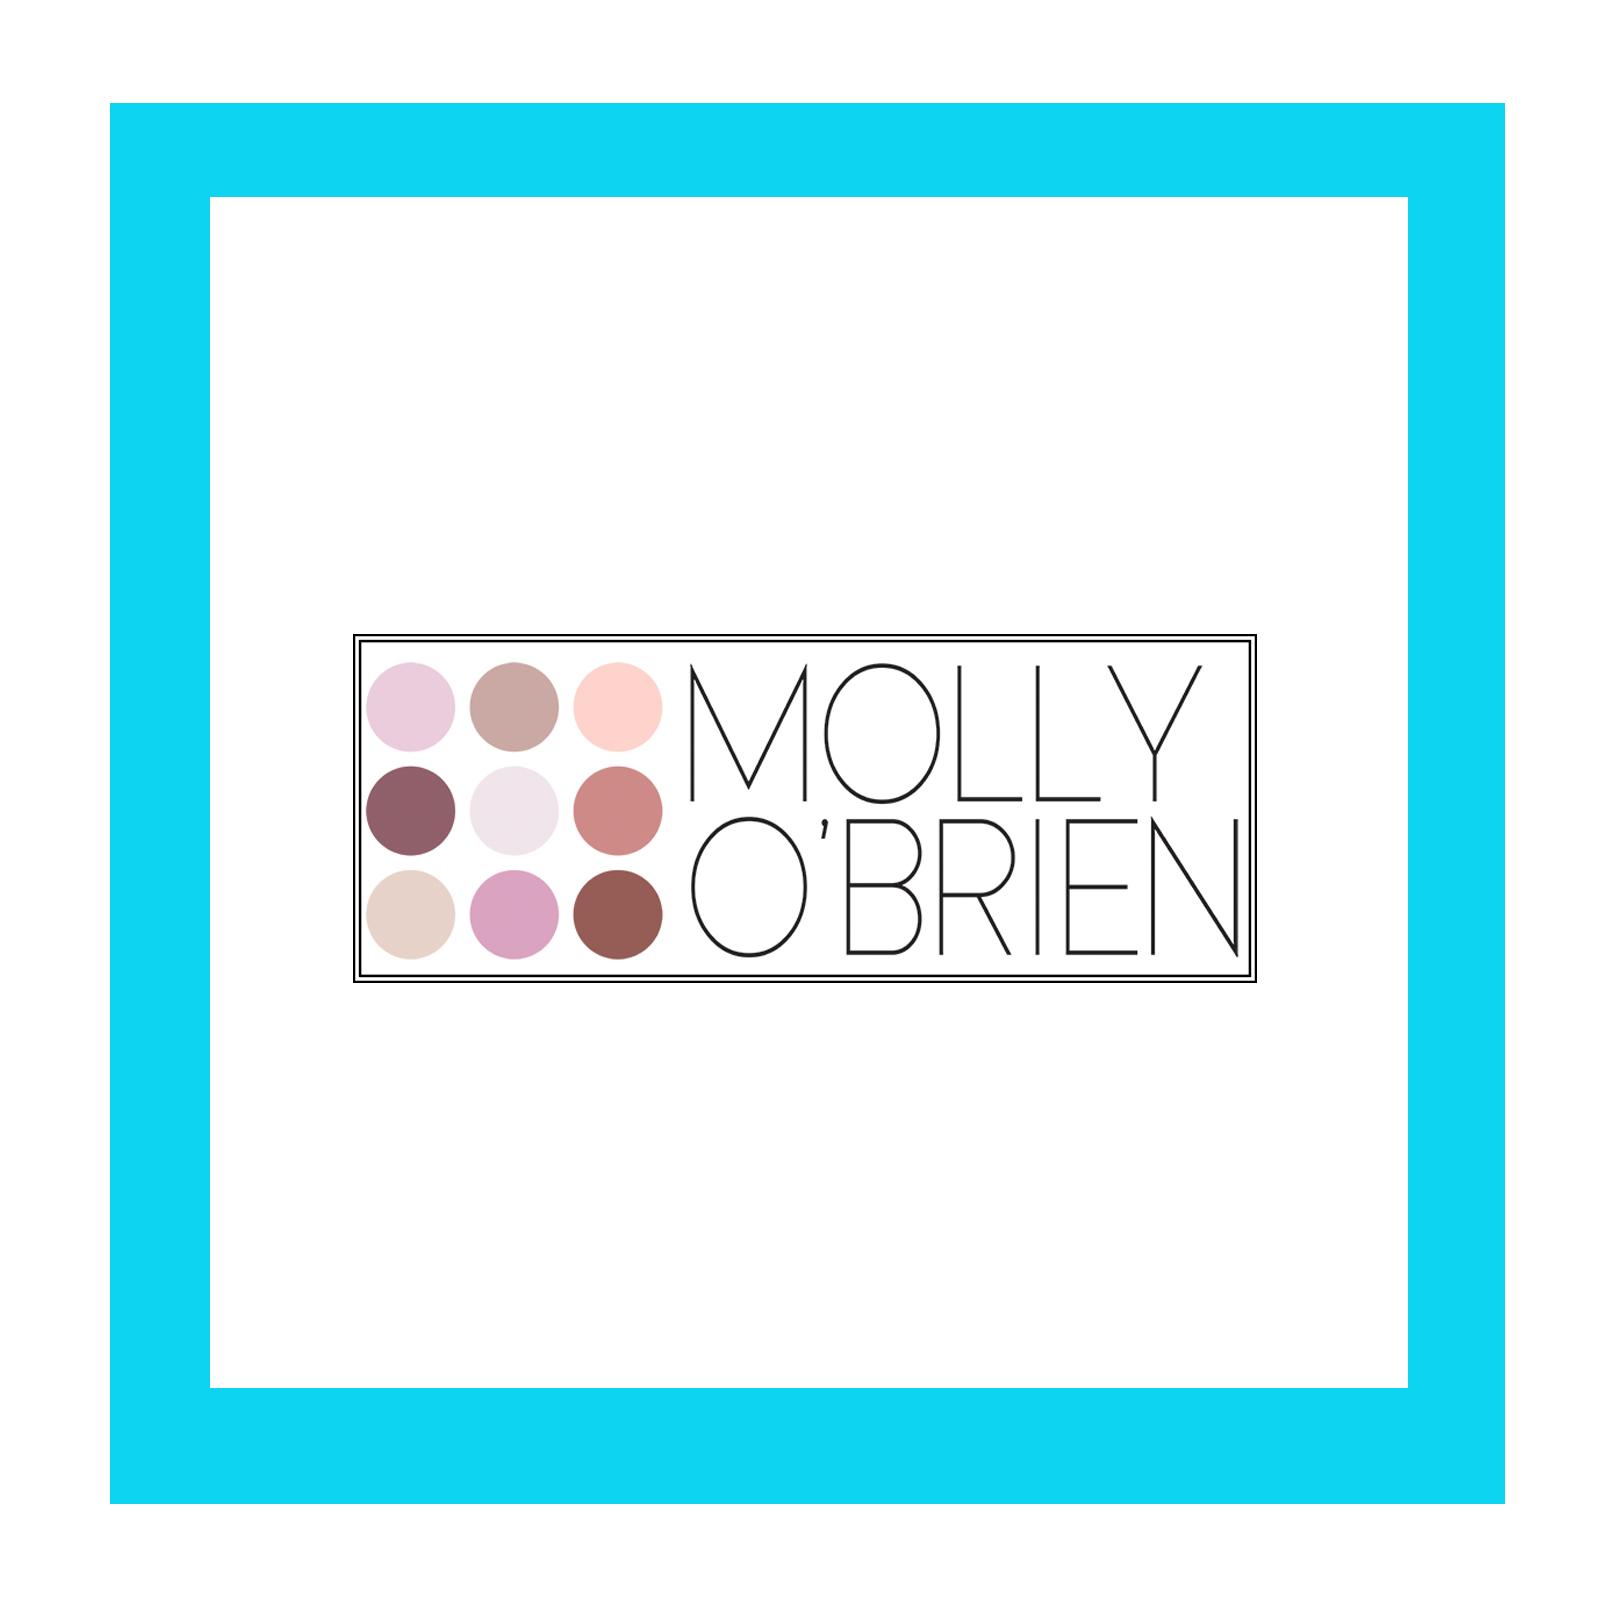 Molly Obrien.jpg